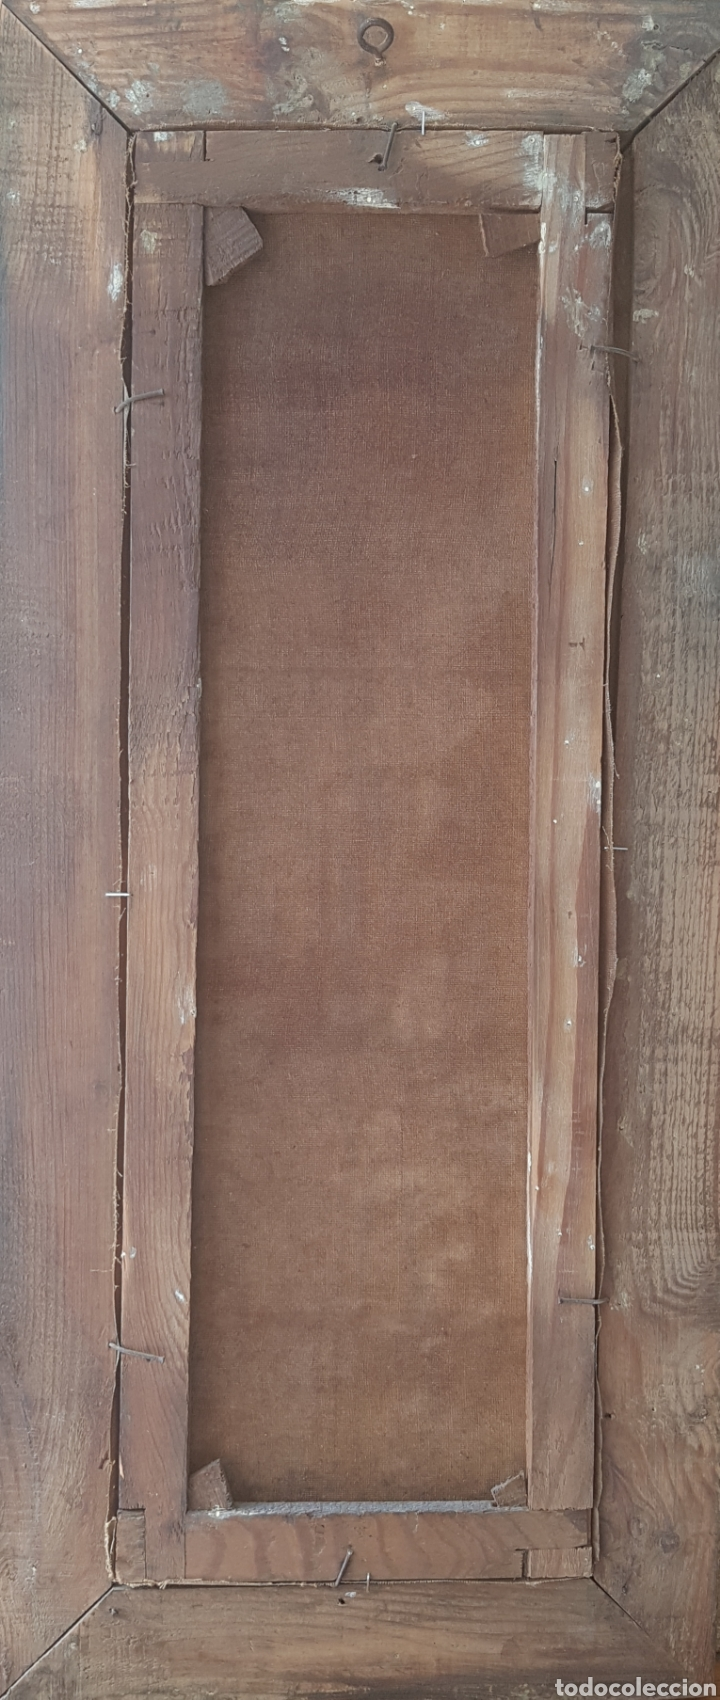 Arte: Urgellés (XIX) - Paisaje con Masía.Escaleta.Oleo/tela.Firmado. - Foto 5 - 176866145